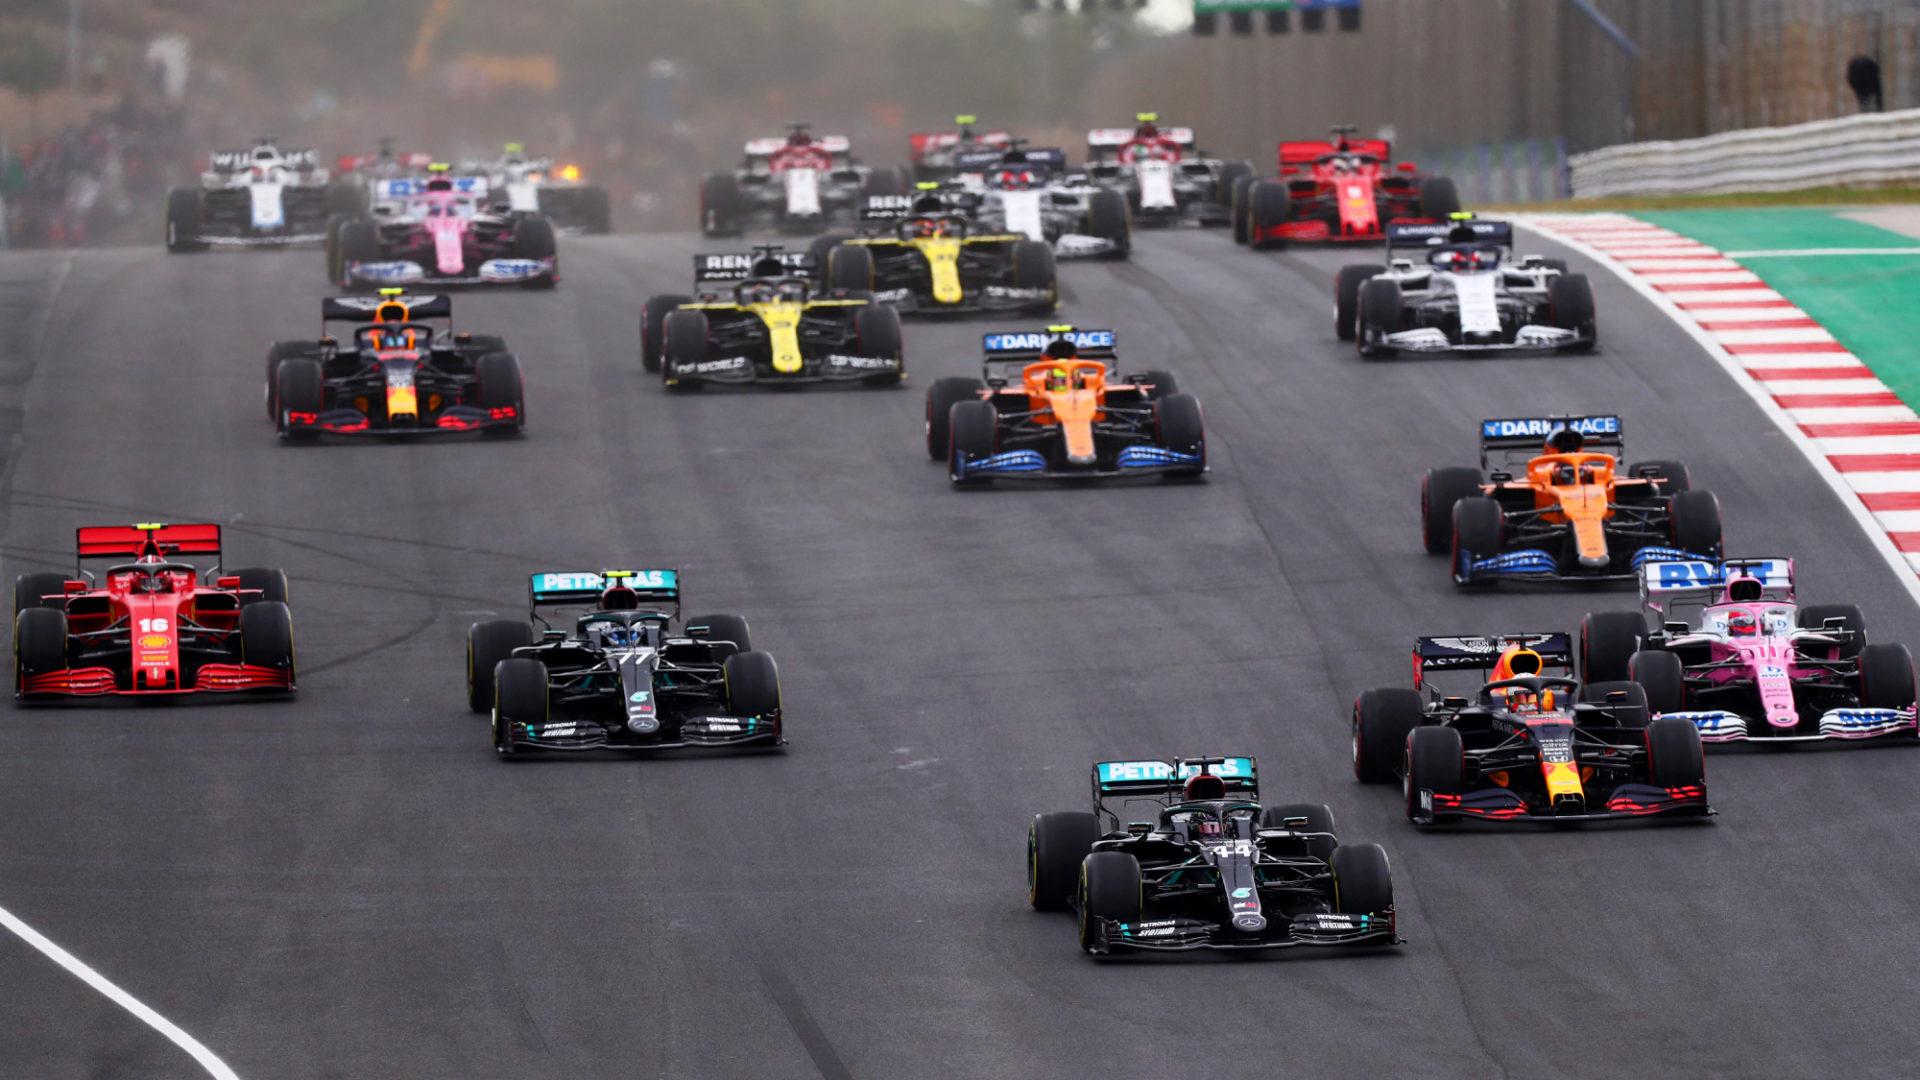 Imola Grand Prix 2021